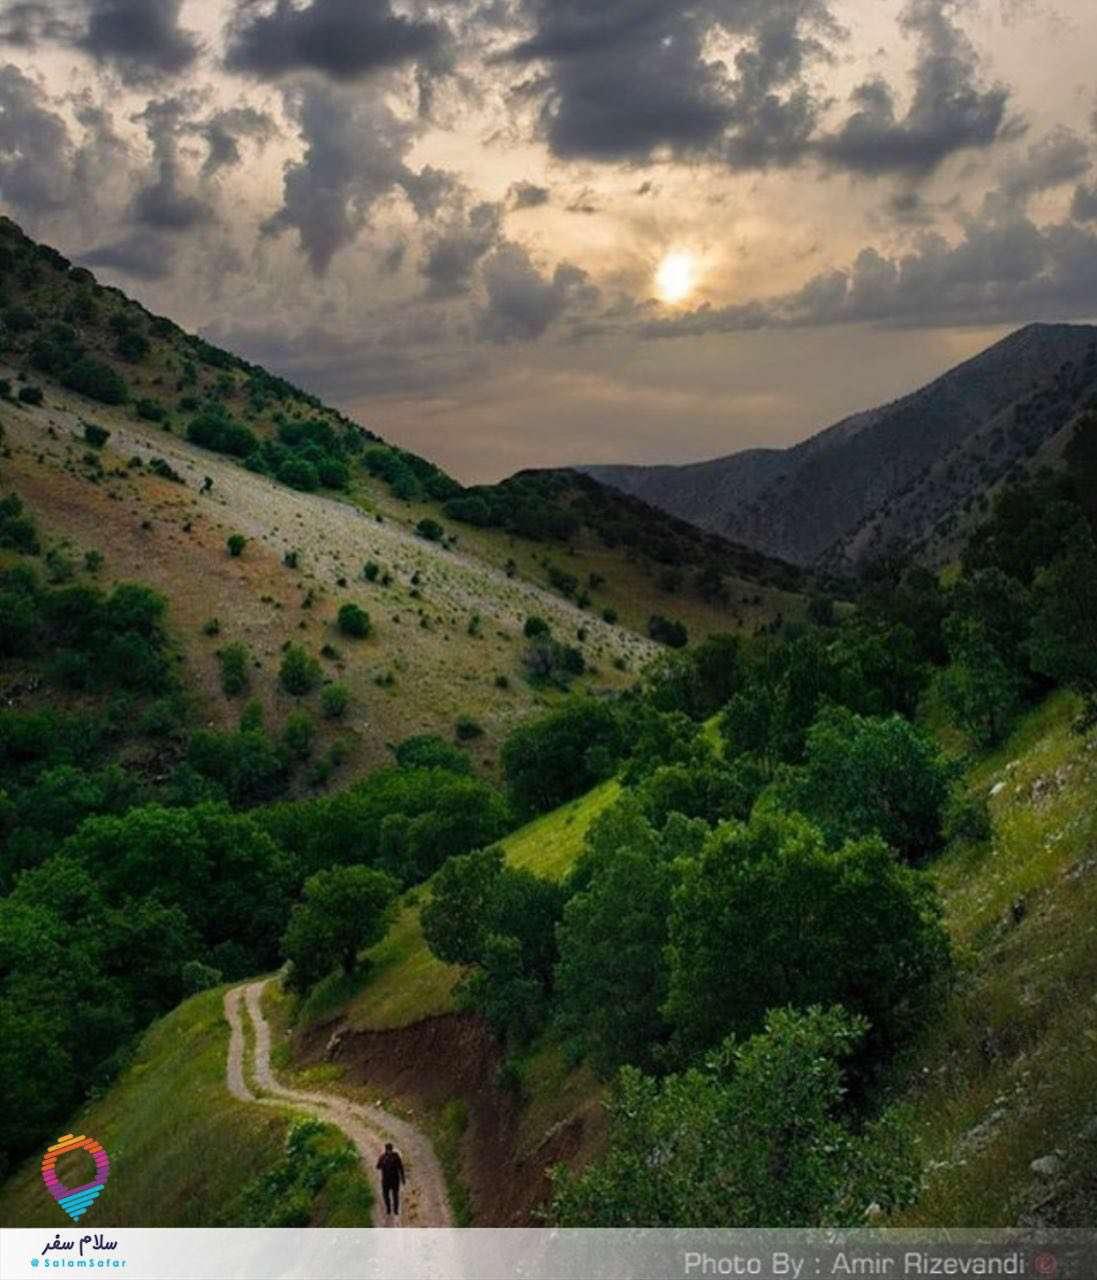 منظره زيباي اورامانات در استان کرمانشاه